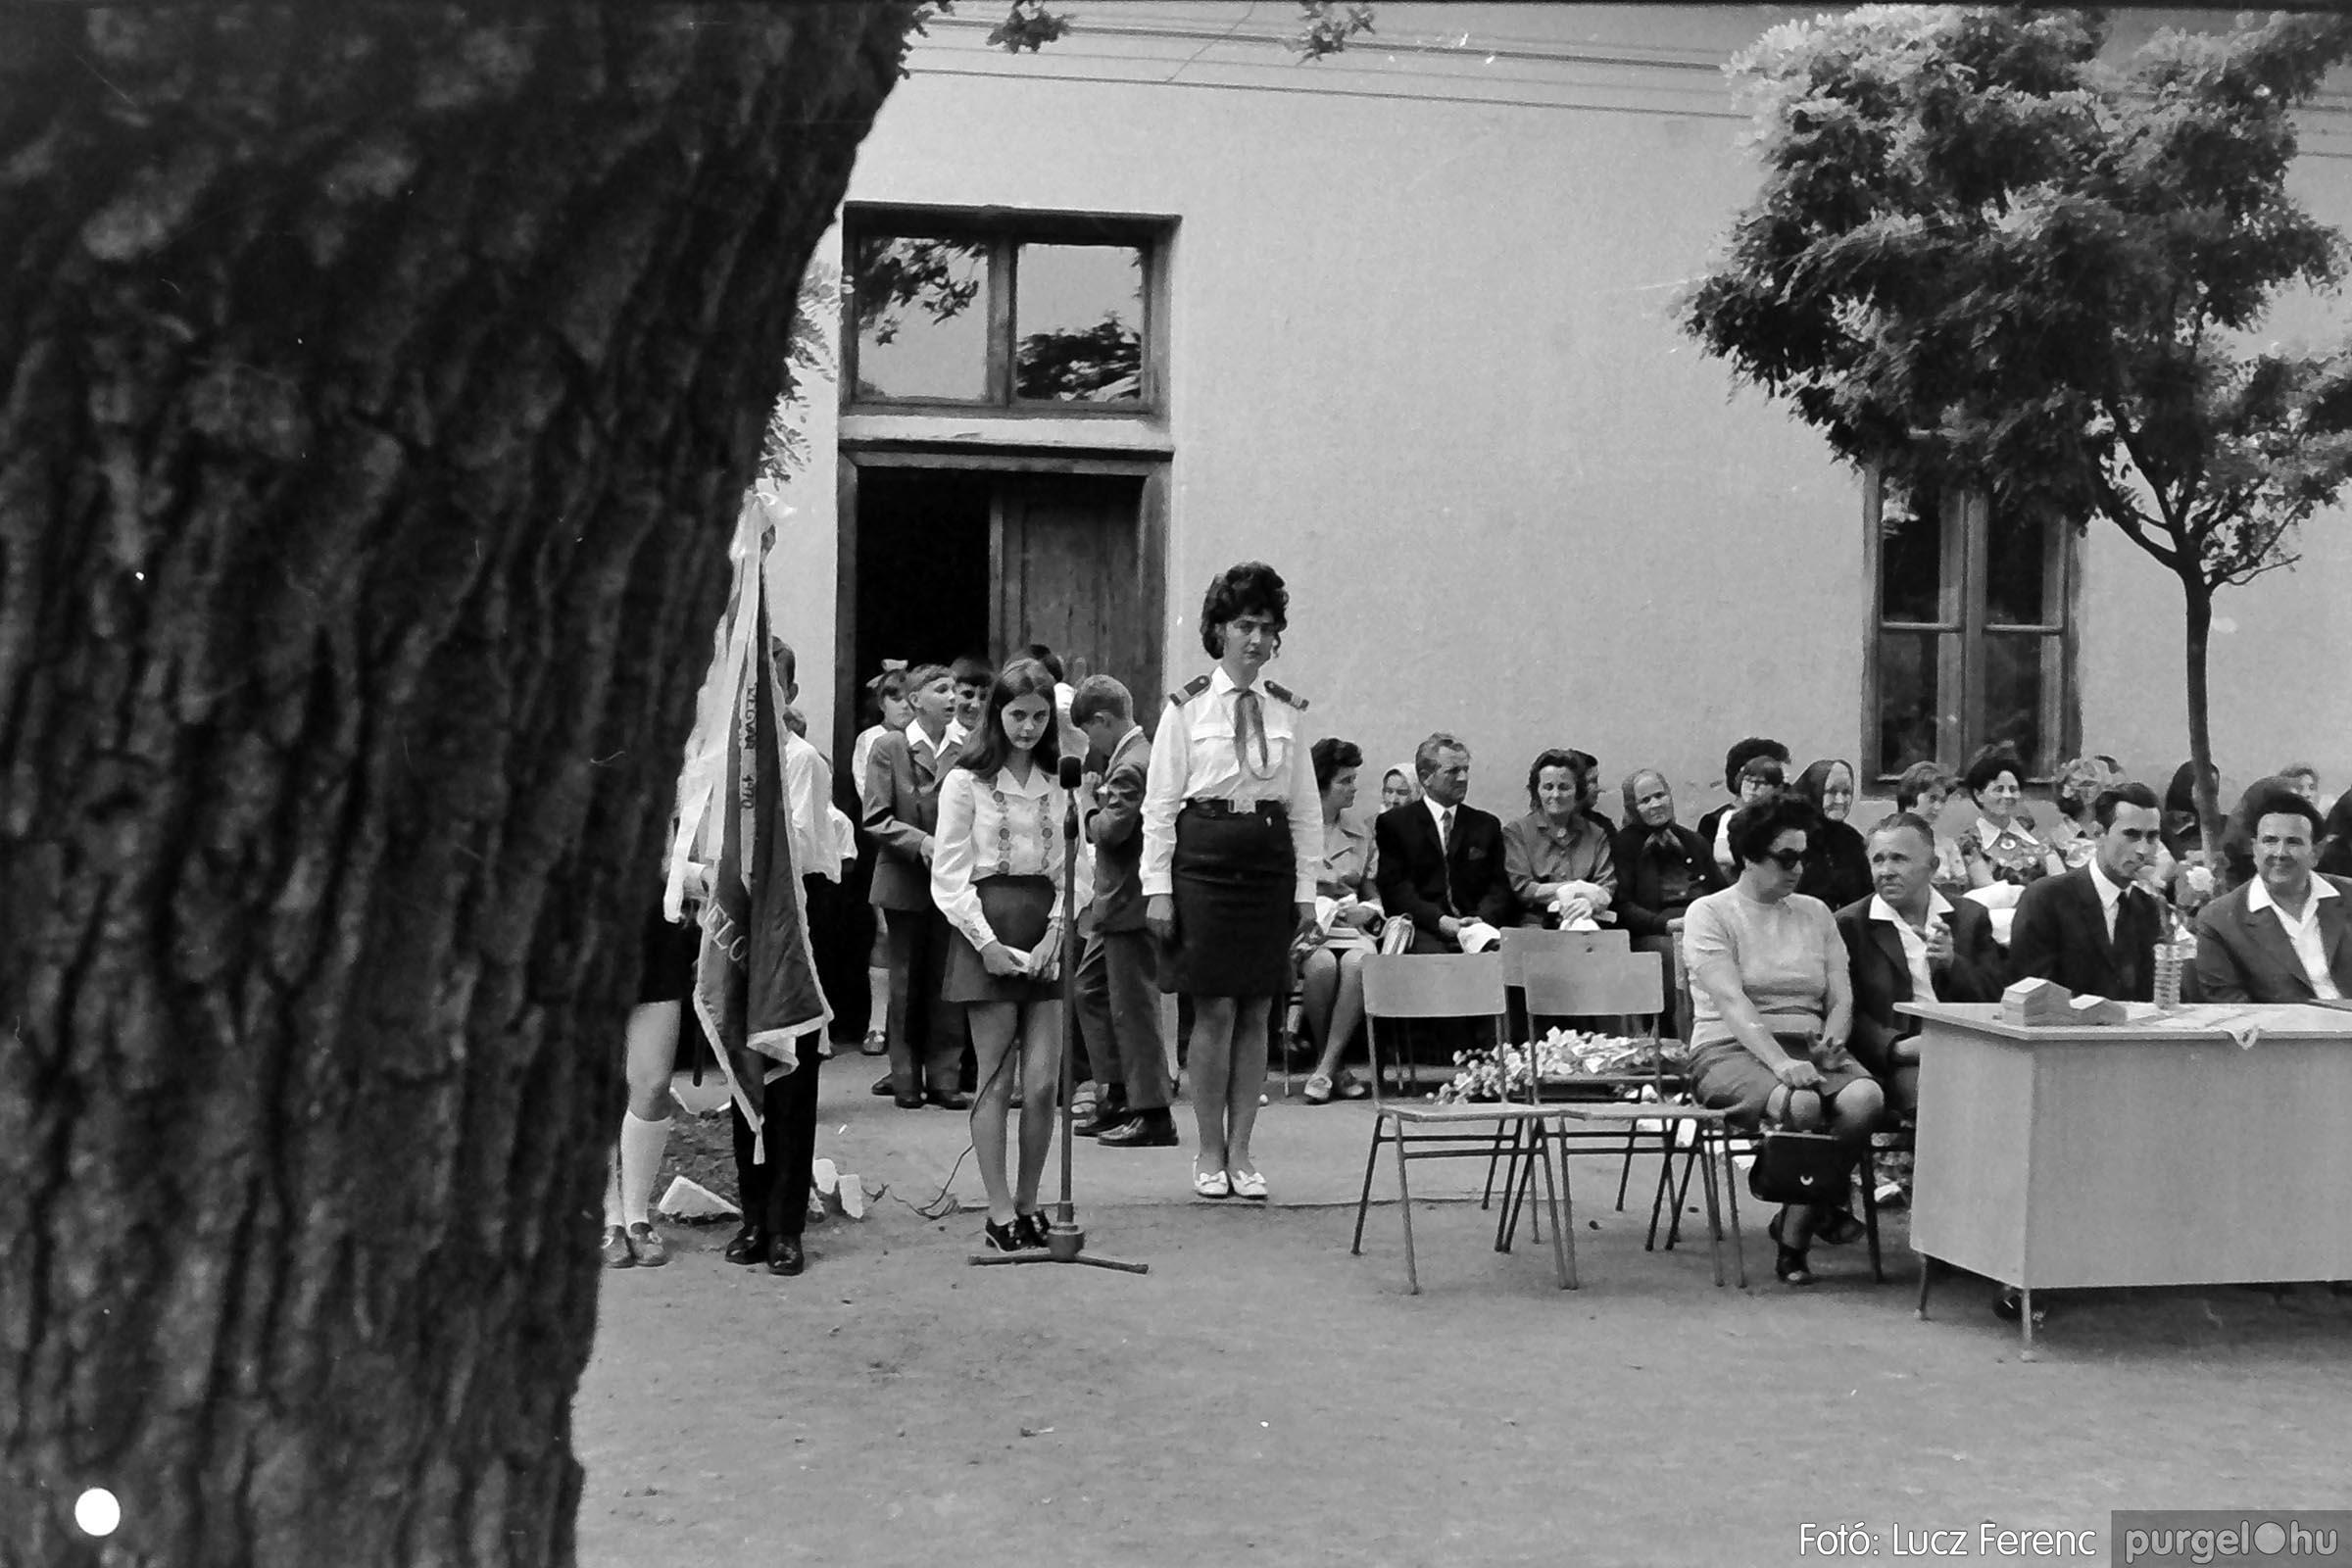 001 1972.05.27. Ballagás a szegvári iskolában 009 - Fotó: Lucz Ferenc - IMG01066q.jpg